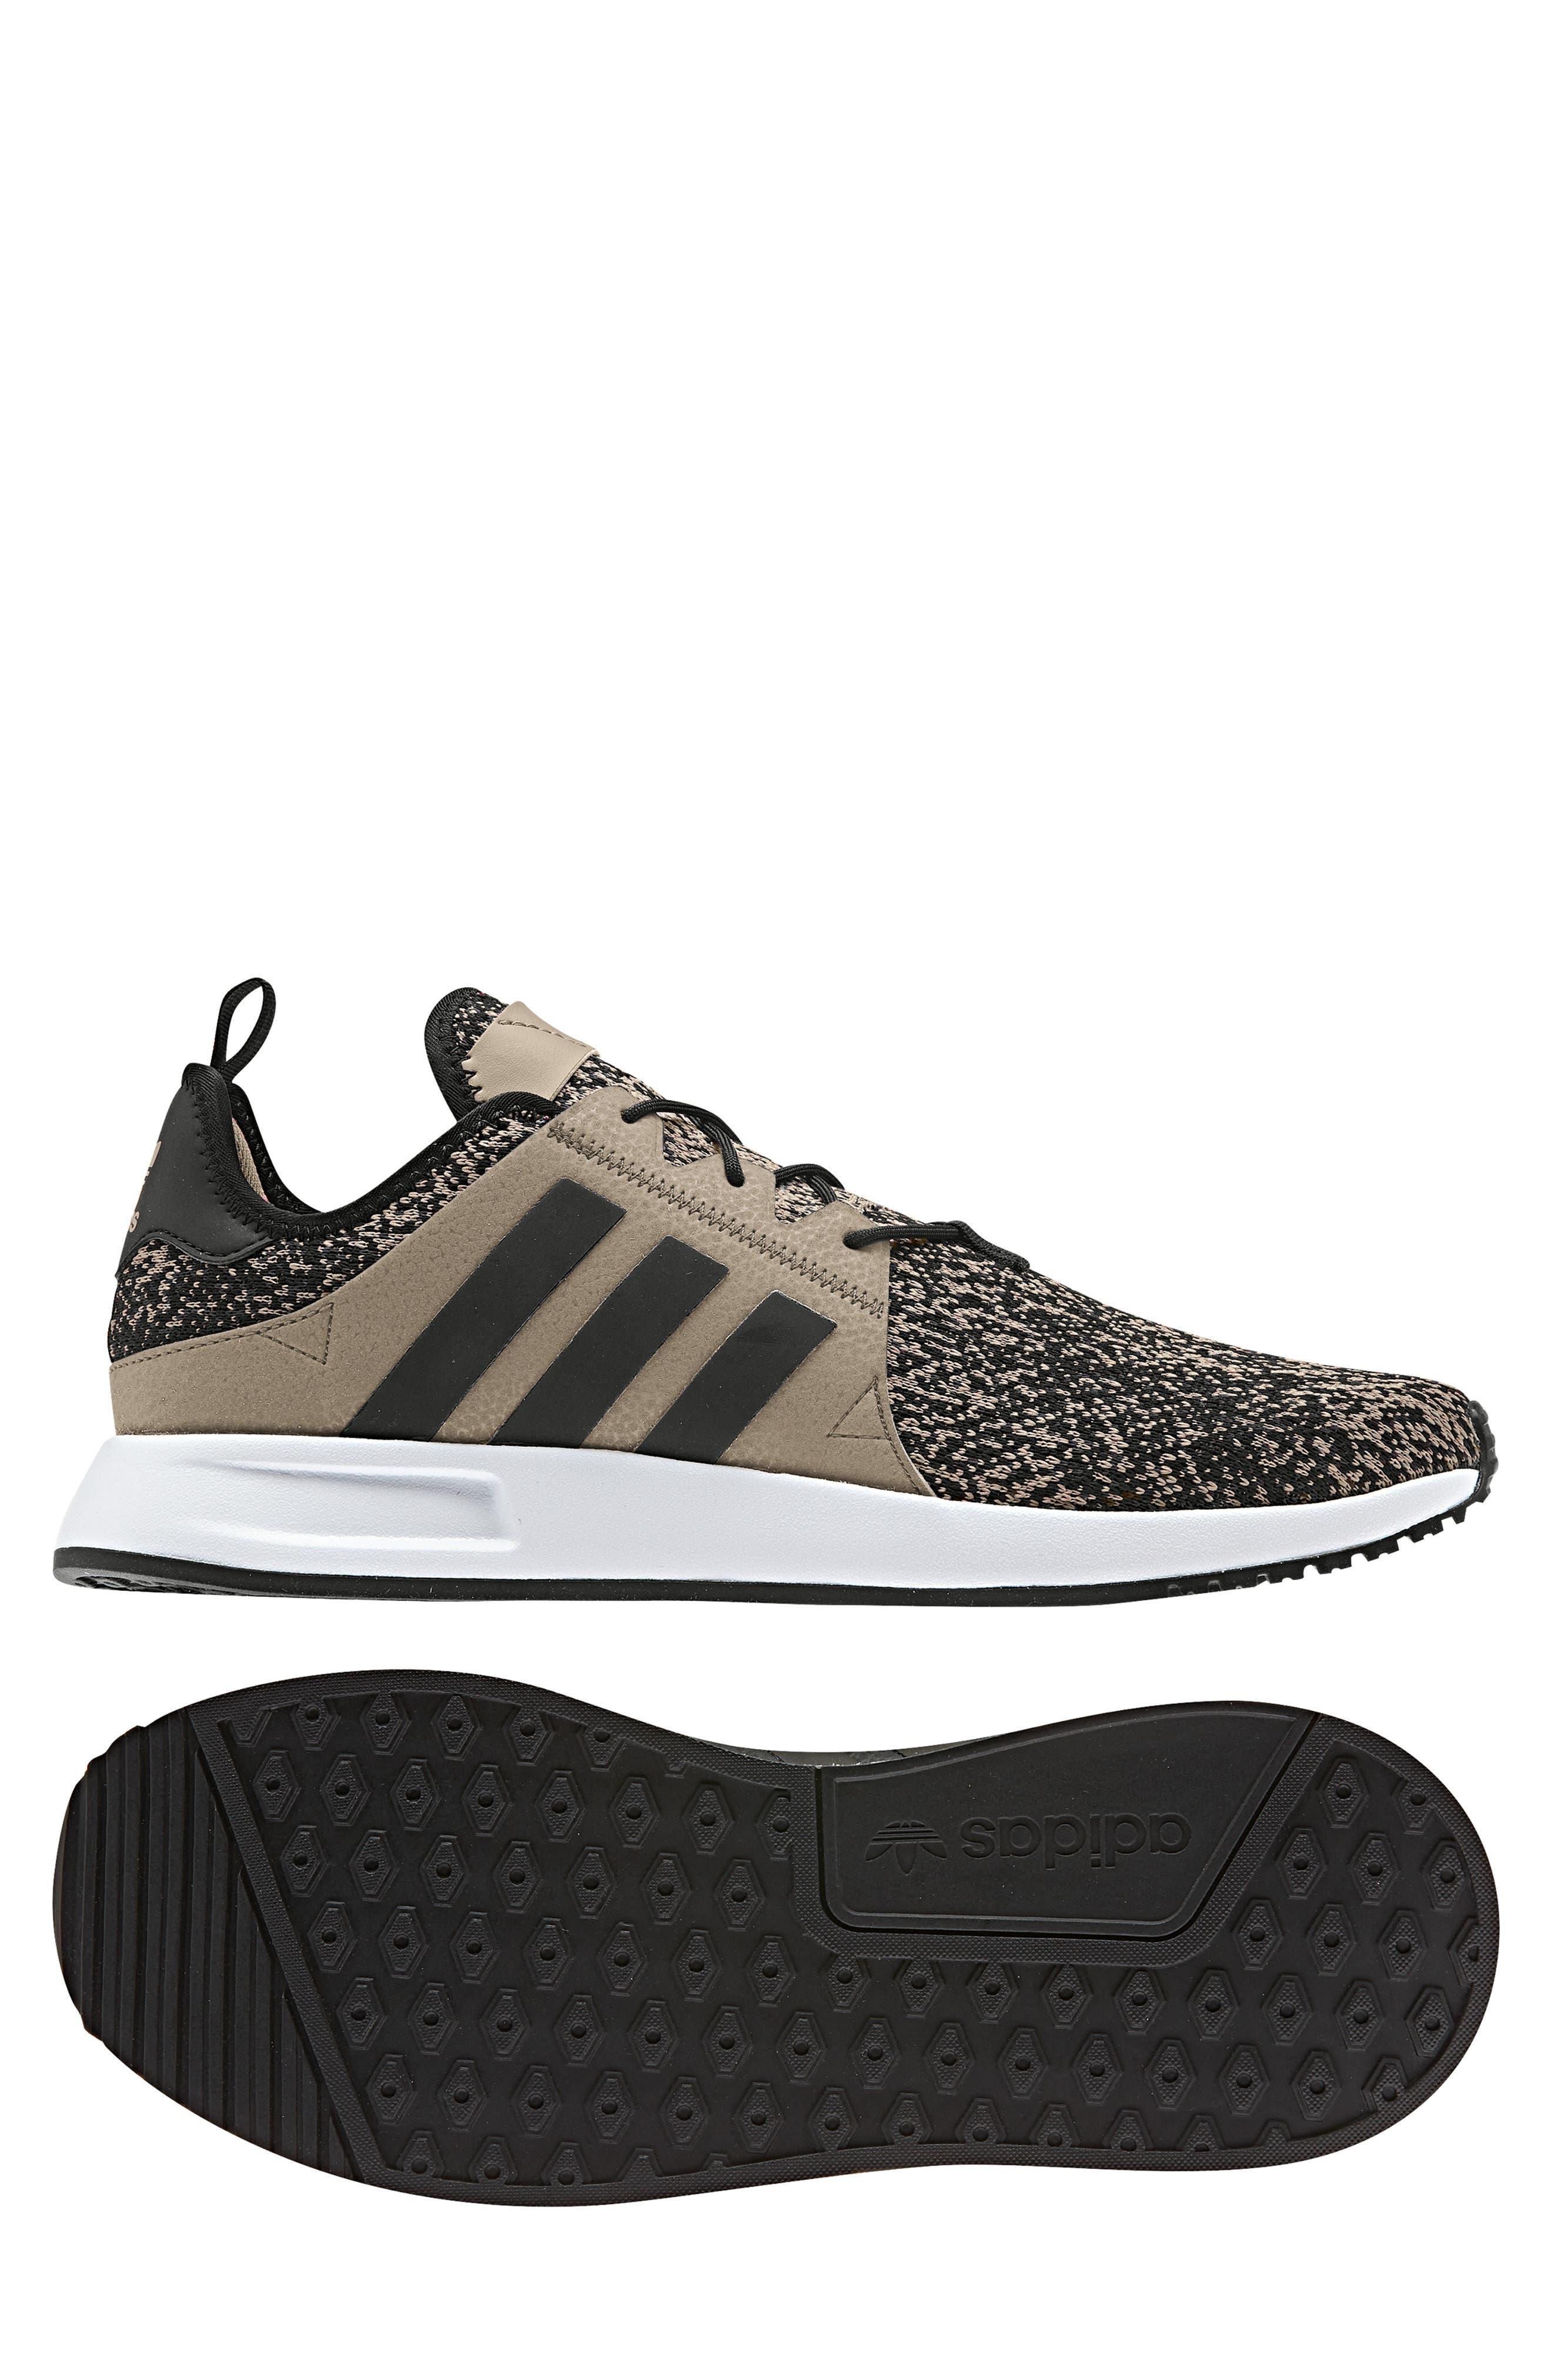 X_PLR Sneaker,                             Alternate thumbnail 8, color,                             KHAKI / CORE BLACK / WHITE